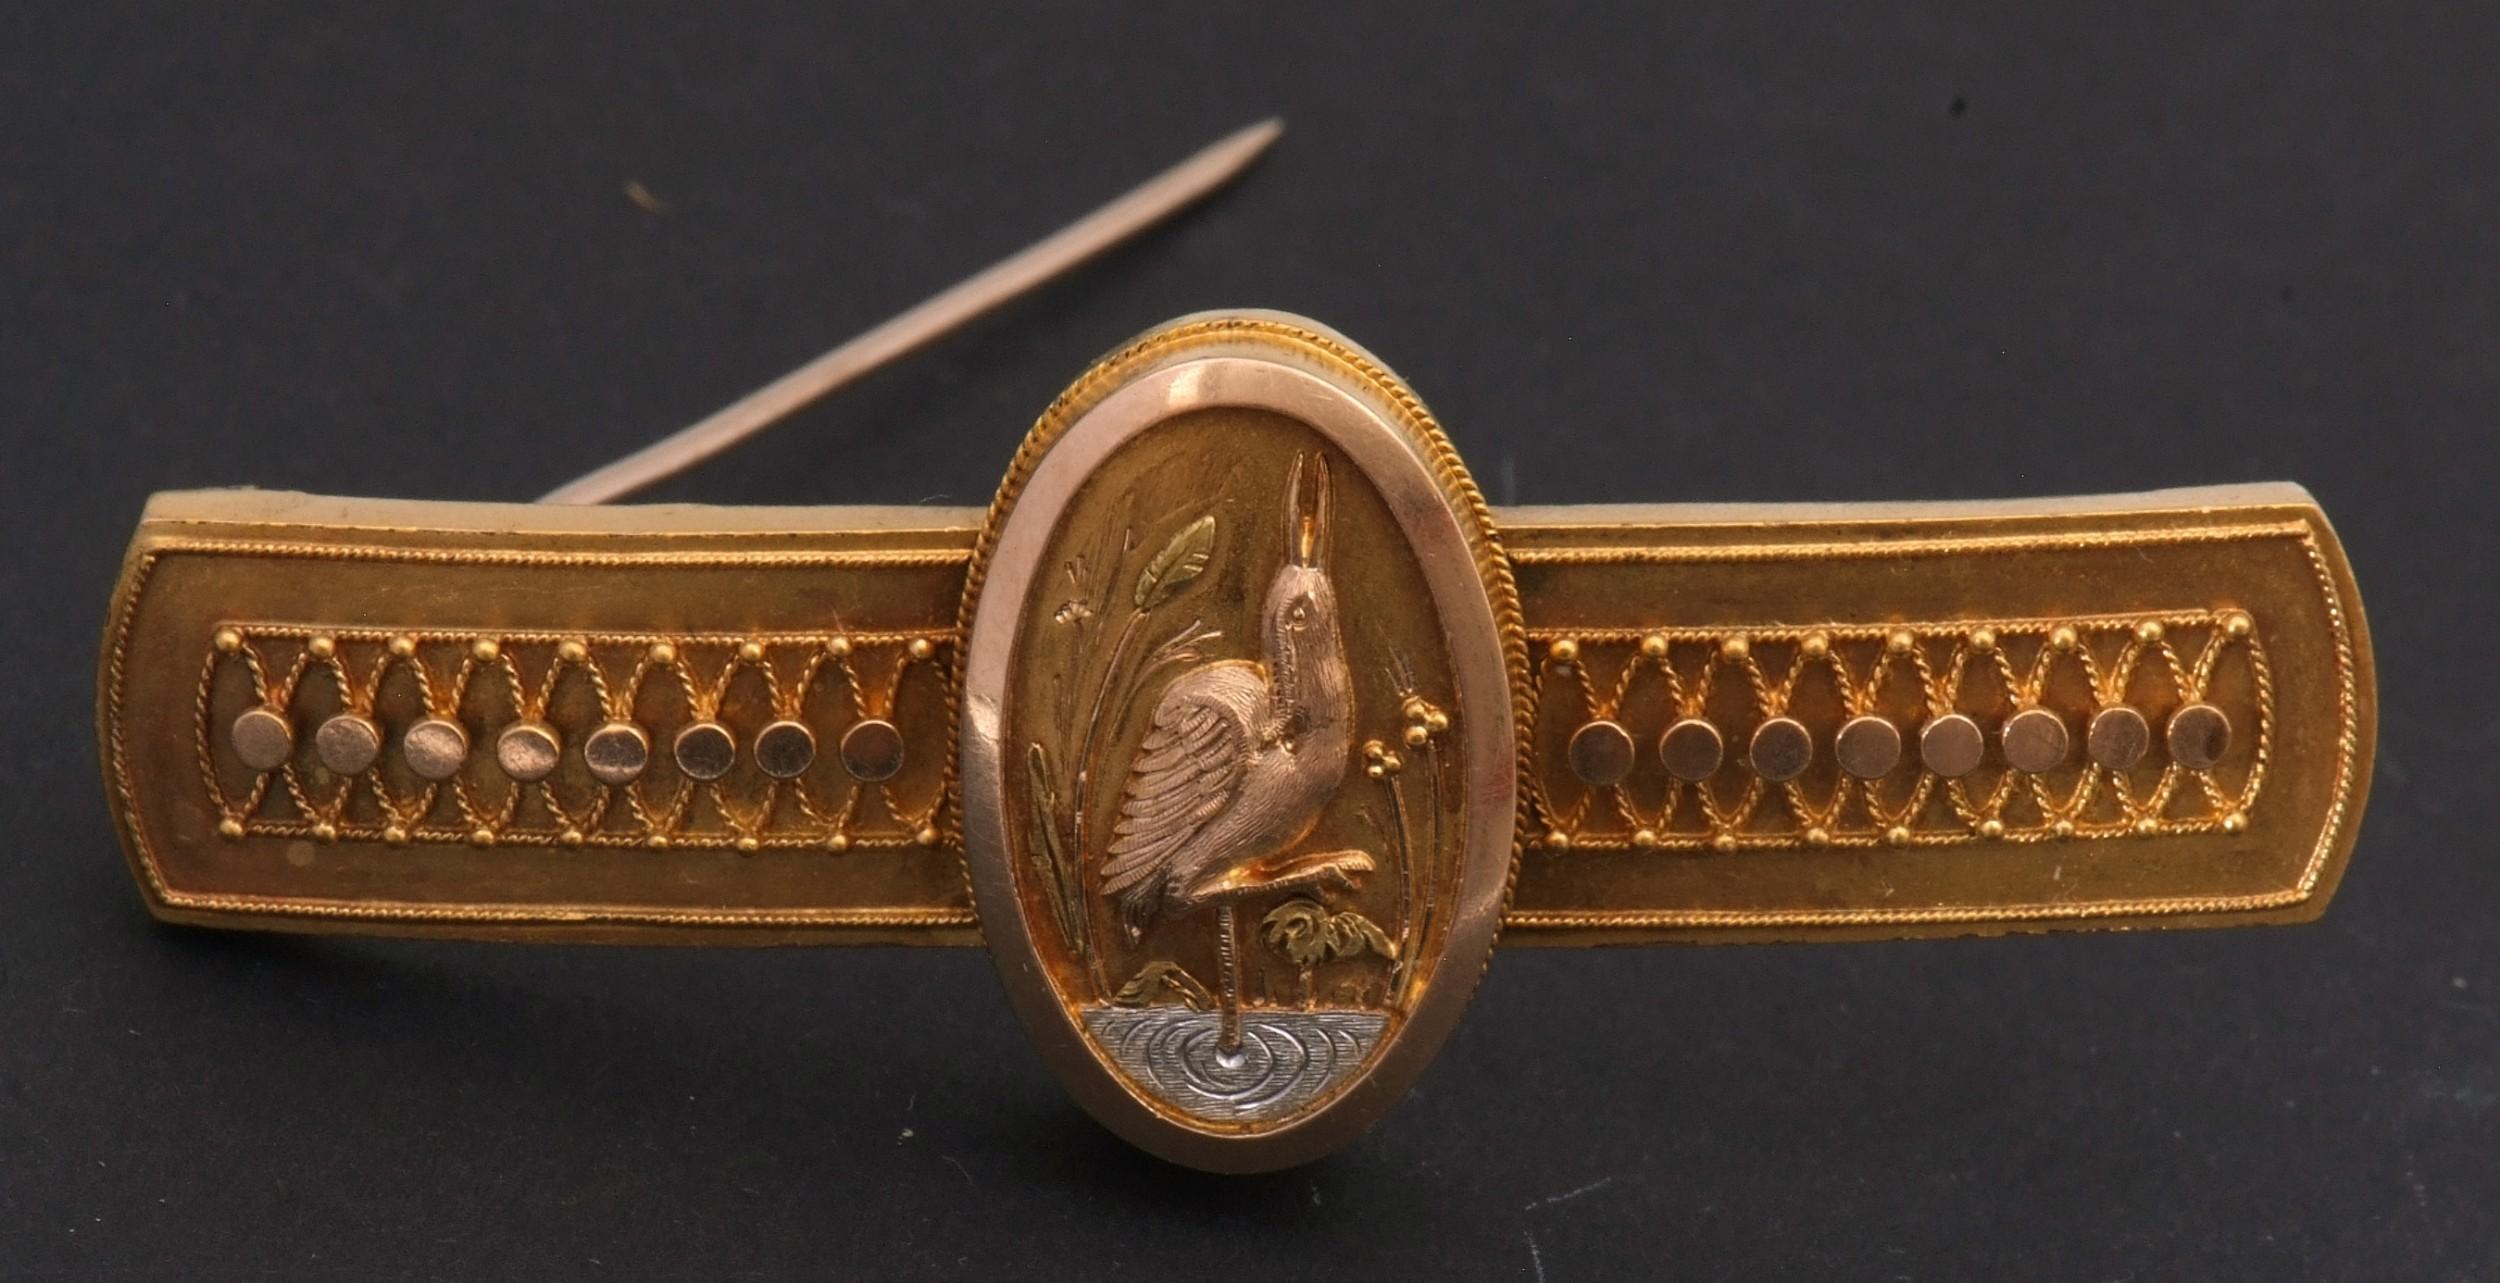 18ct arts crafts brooch